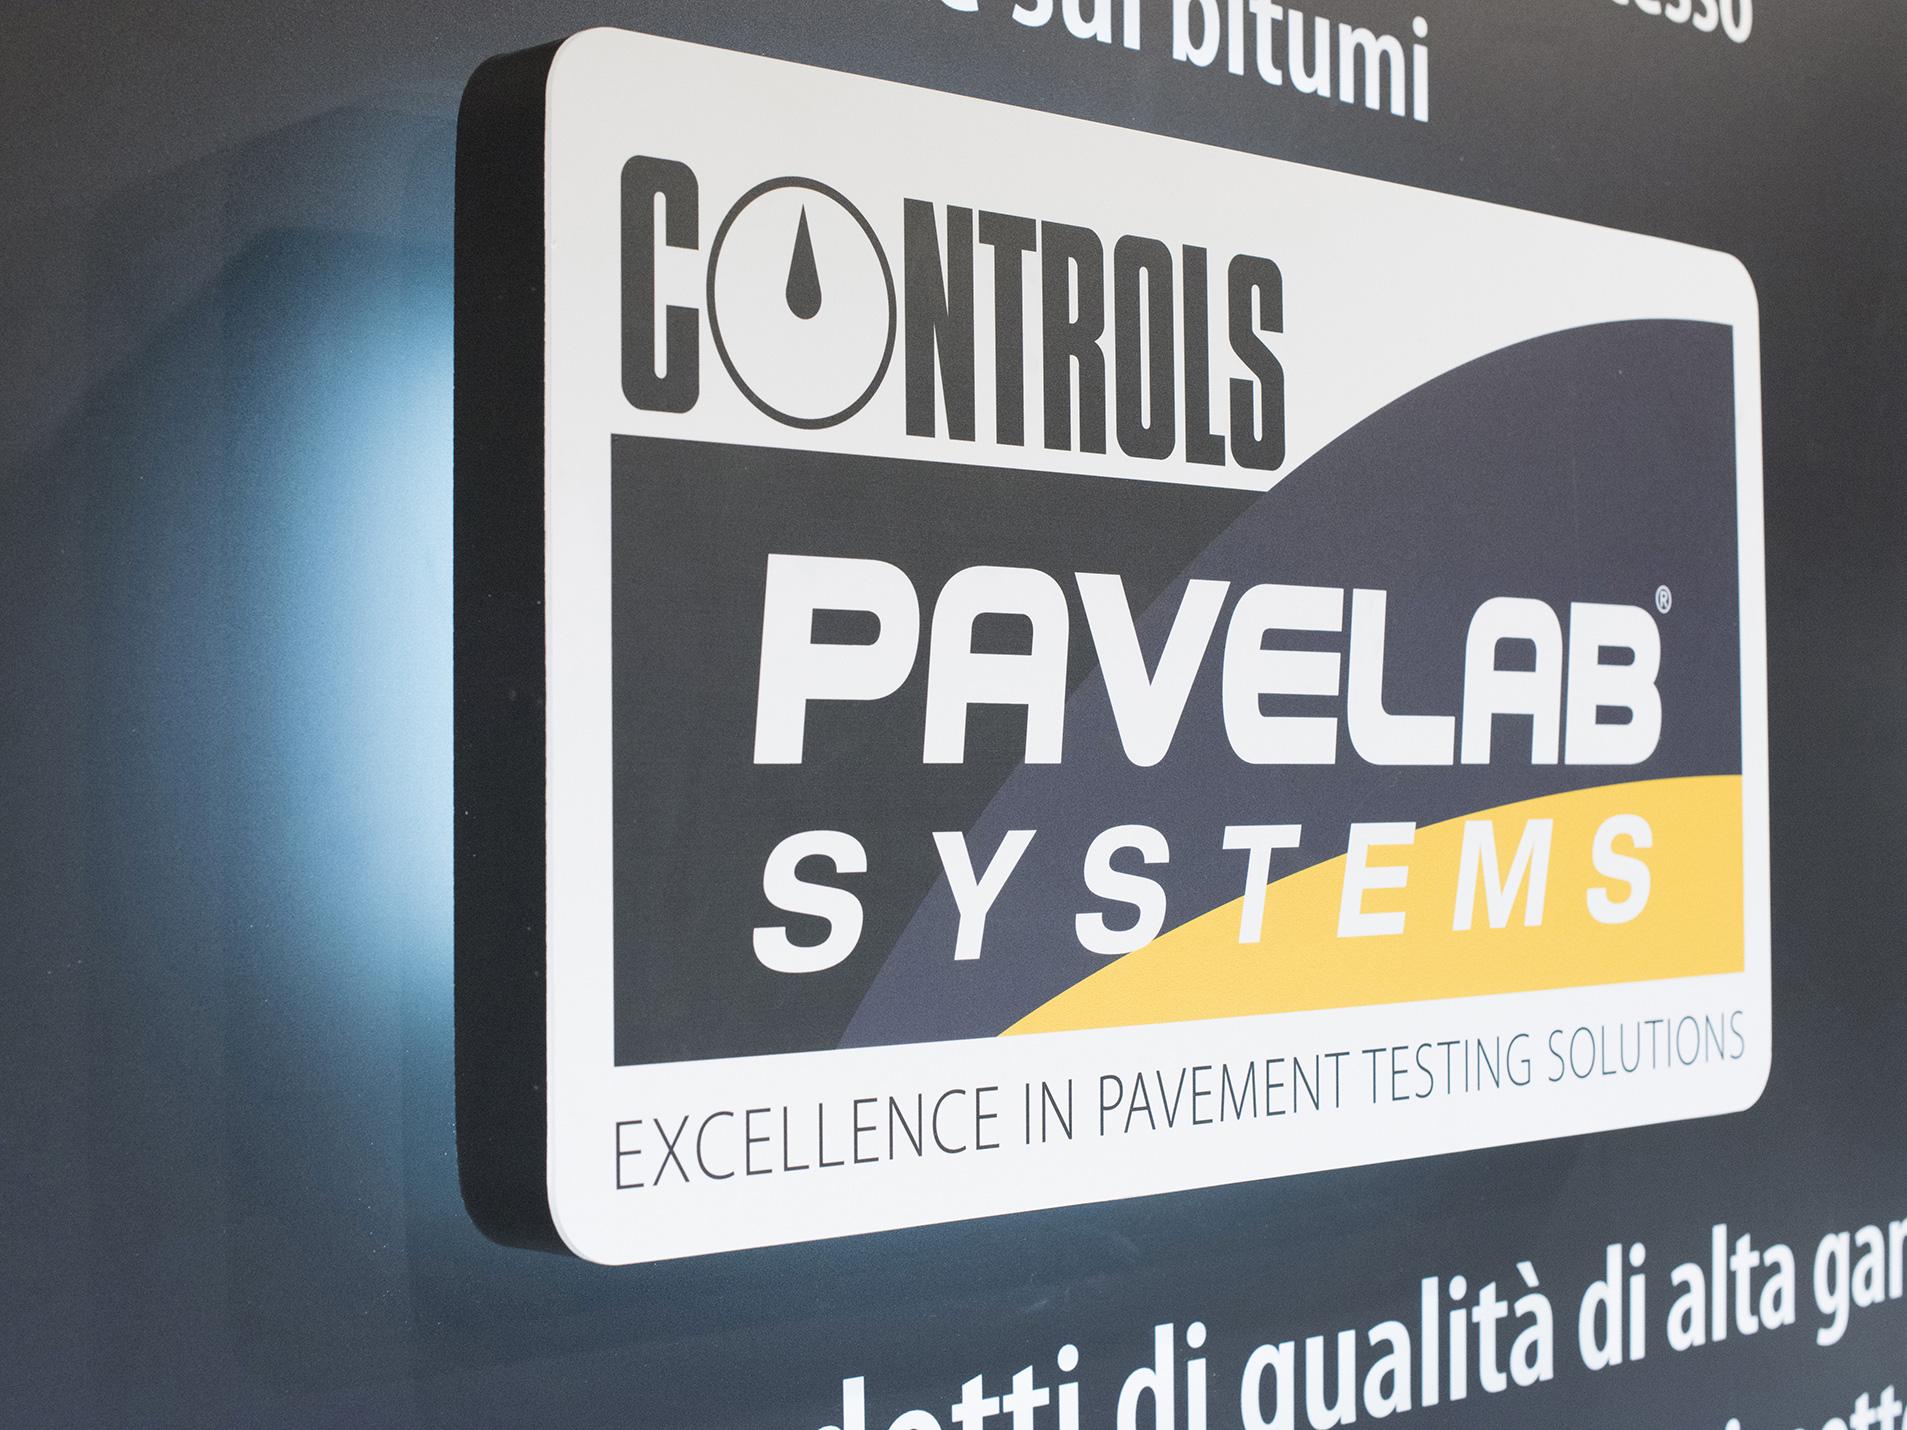 Controls Asphaltica 2012 Padova